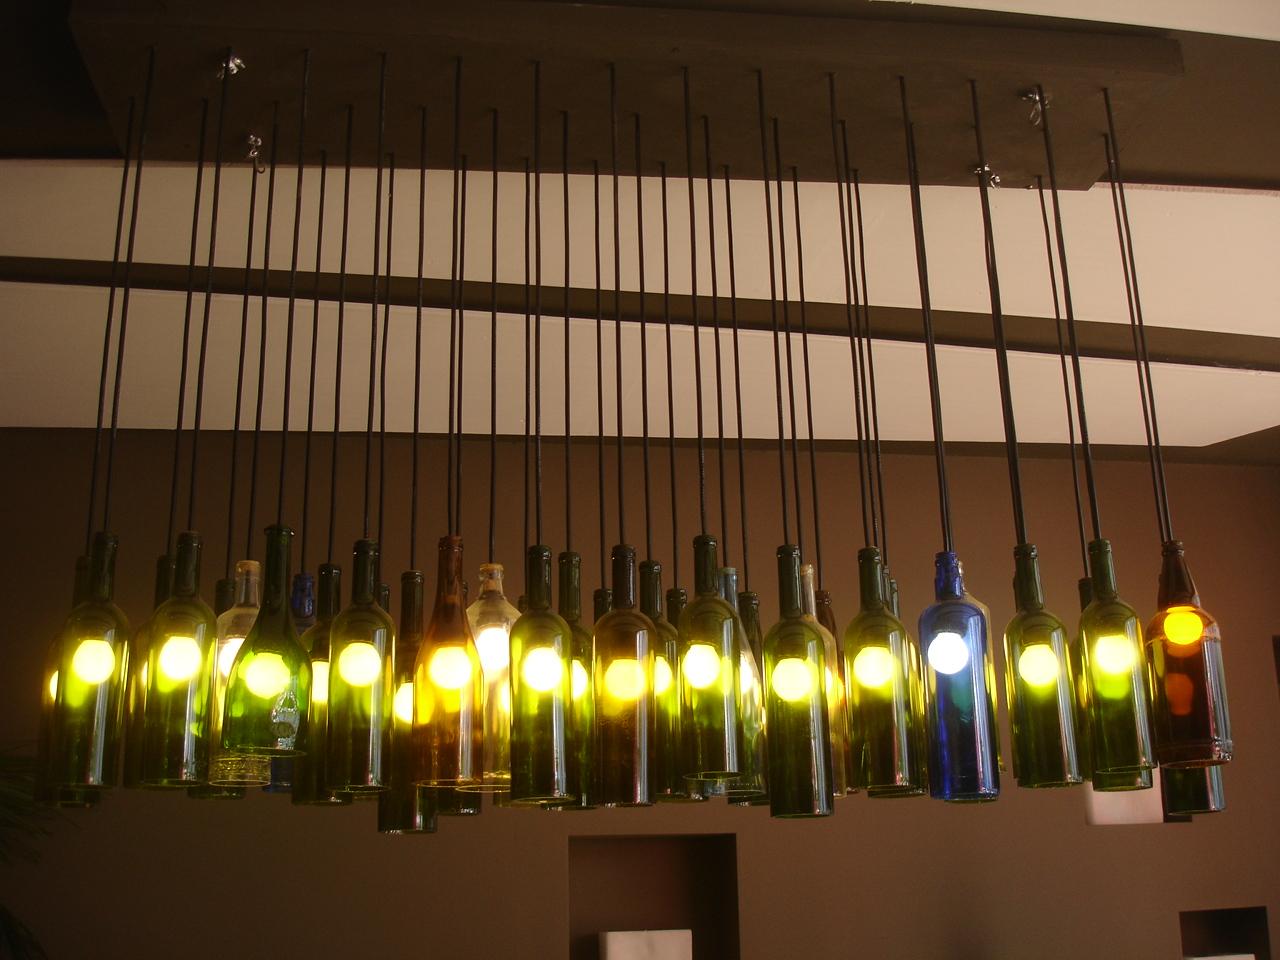 decoracao em lampadas:Ideias criativas e recicladas para decorar sua casa